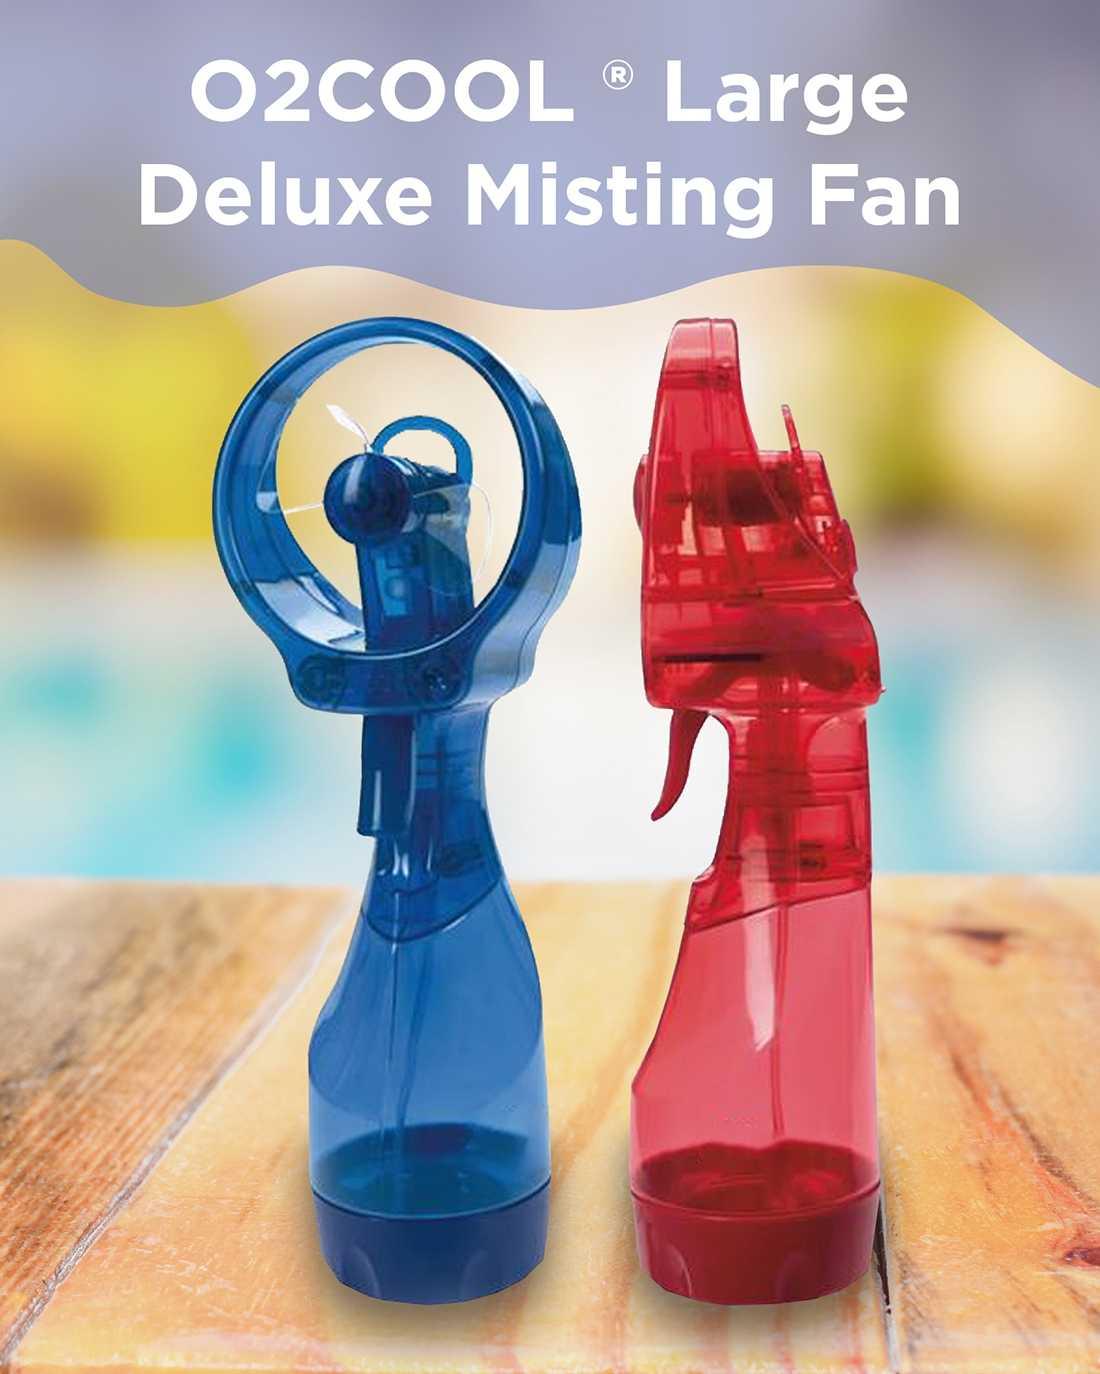 Deluxe Misting Fan AIM